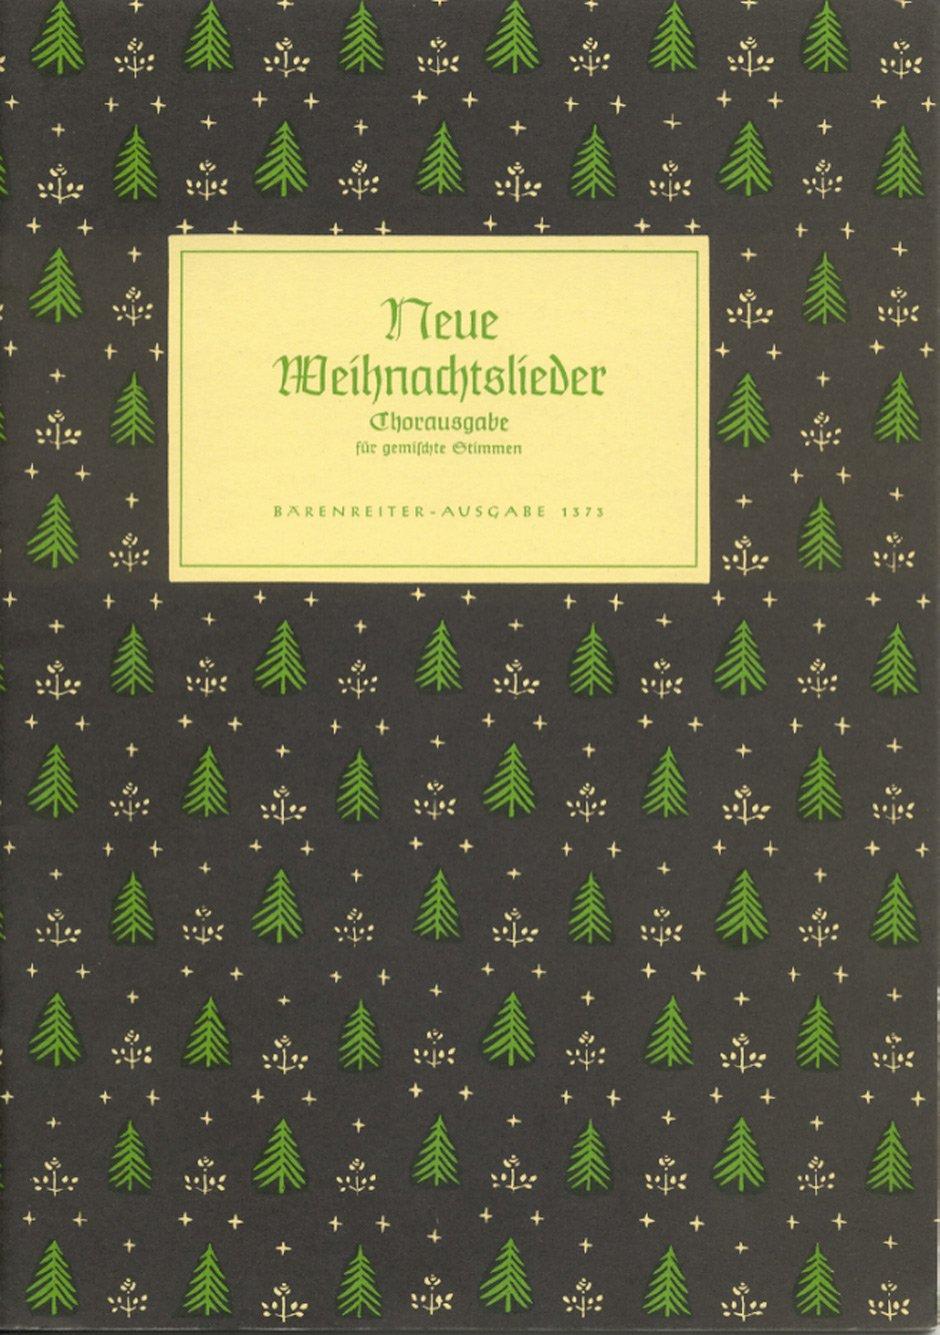 Neue Weihnachtslieder - Chorausgabe für gemischte Stimmen: Amazon.de ...